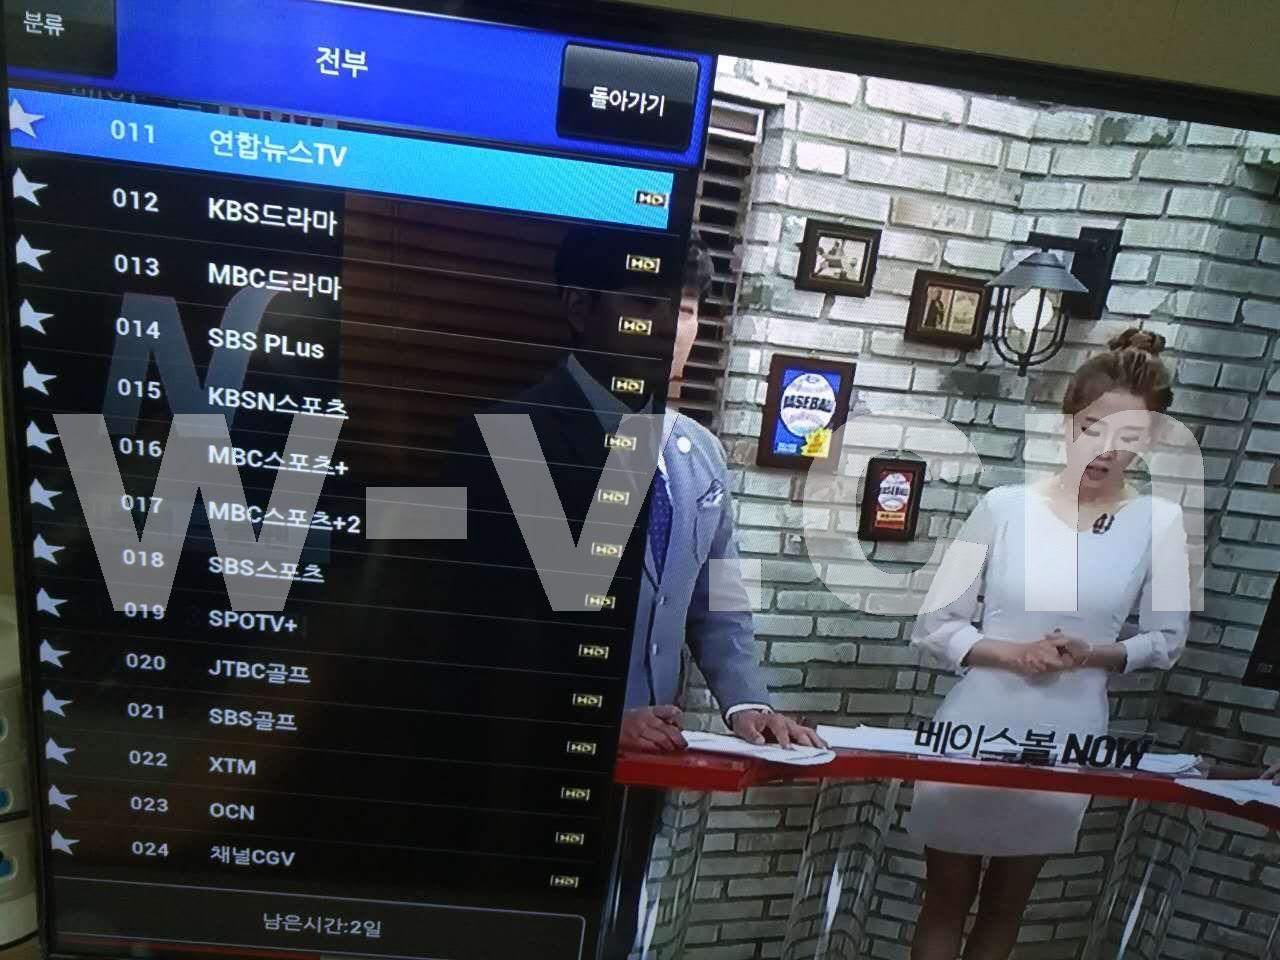 韩国高清网络机顶盒